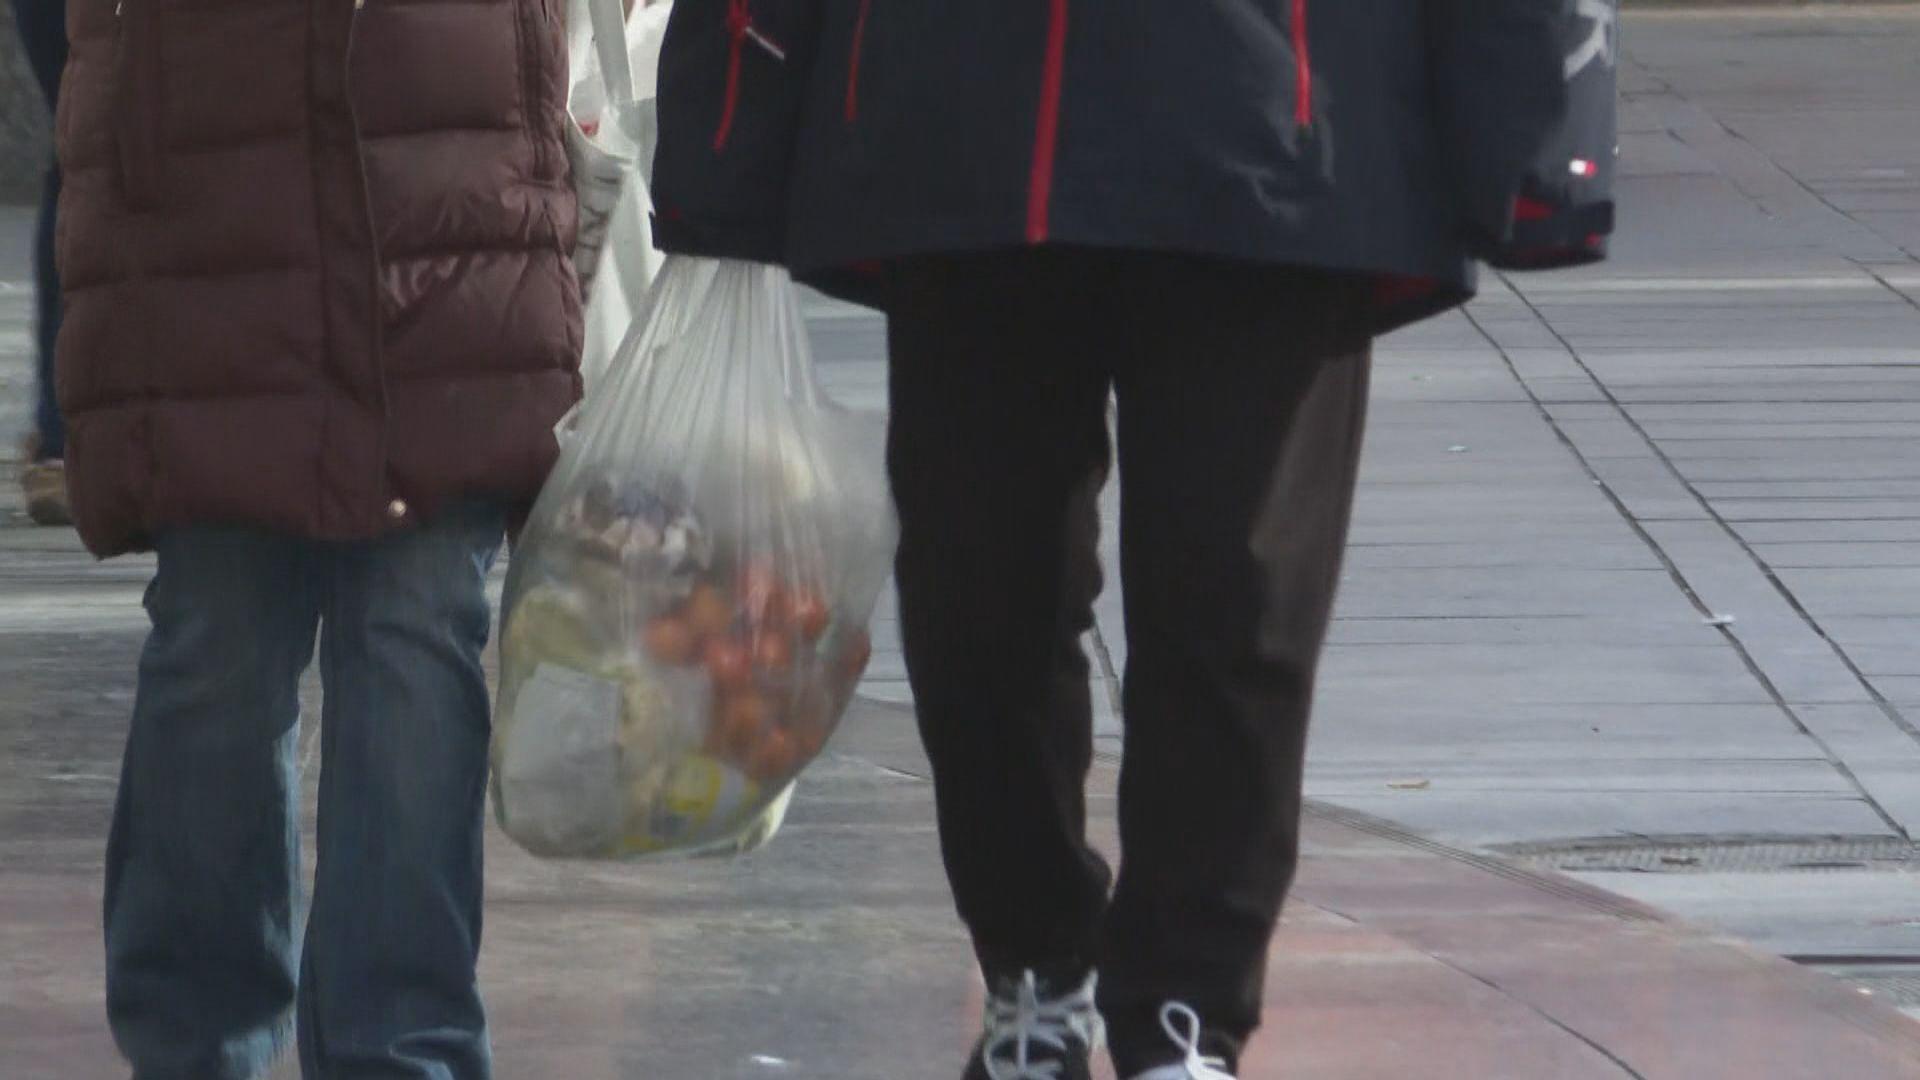 【首都專線】北京禁不可降解膠袋 環團指須加強配套減塑